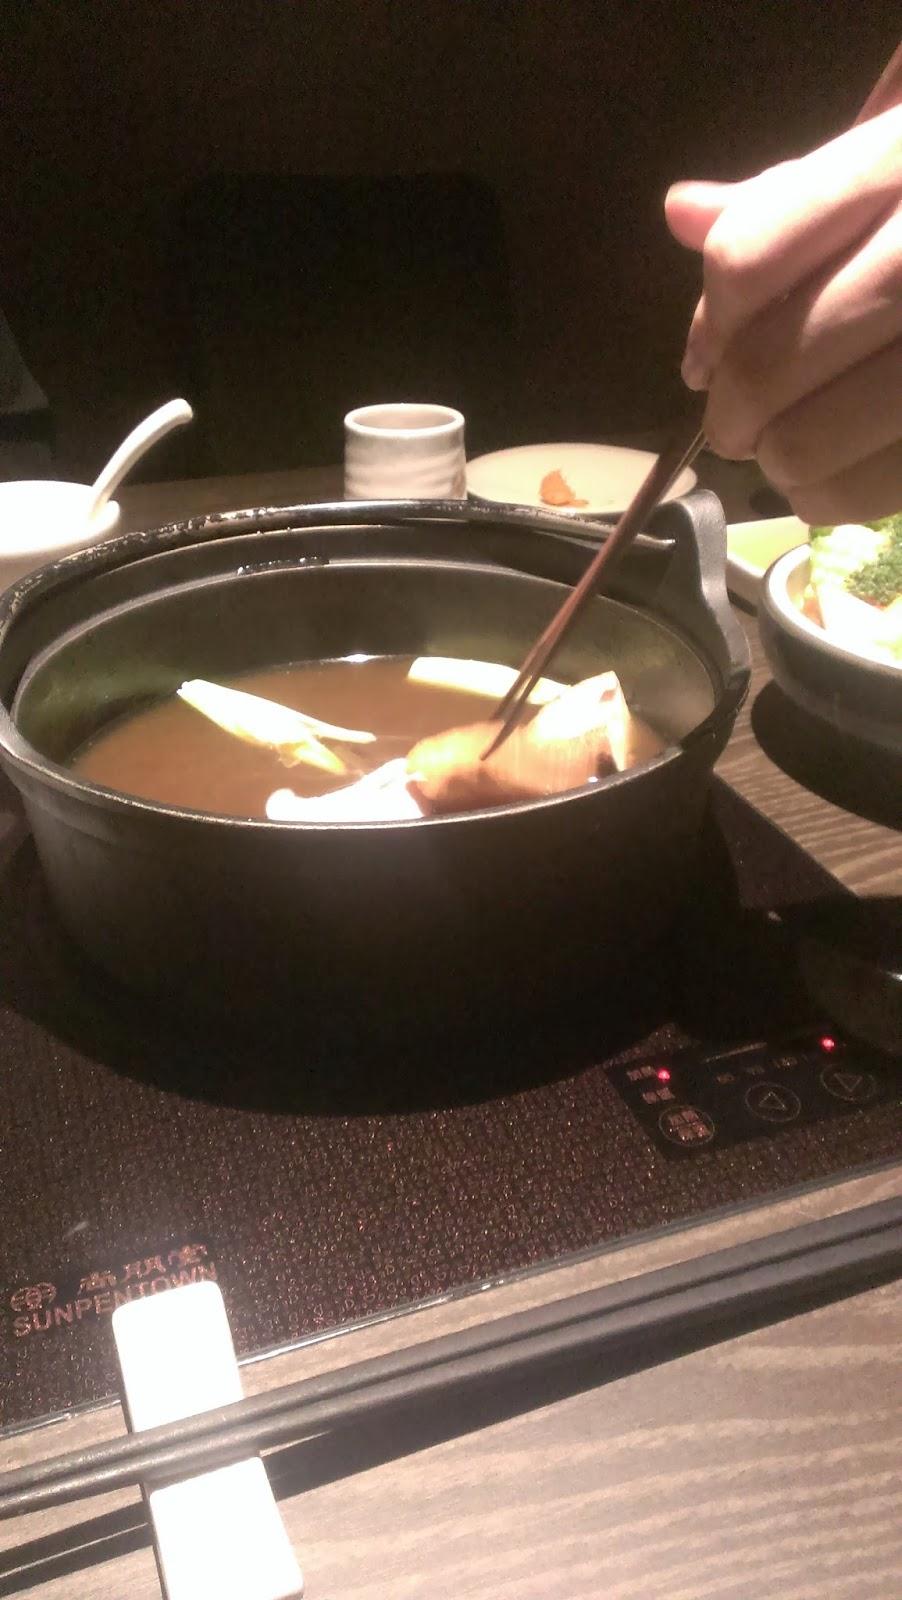 2014 11 08%2B18.33.21 - [食記] 香聚鍋 - 高價、精緻的火鍋,食材新鮮多樣適合好久不見的小聚